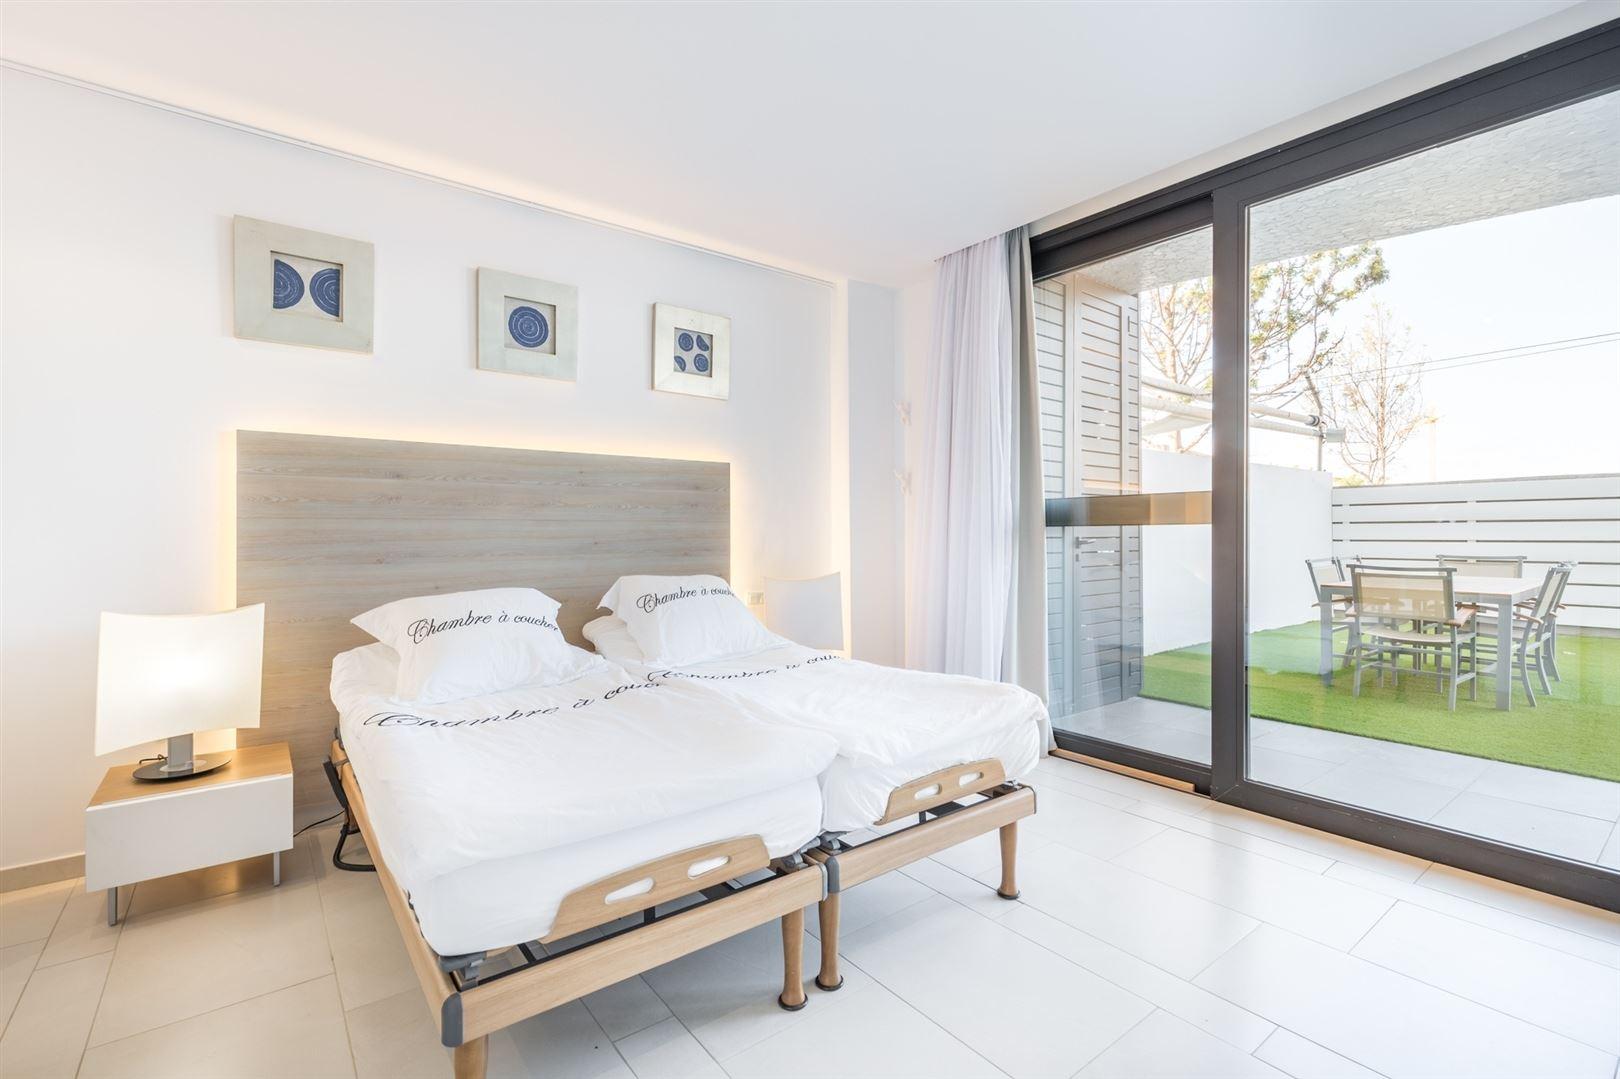 Foto 7 : Appartement te 38632 PALM MAR (Spanje) - Prijs € 325.000